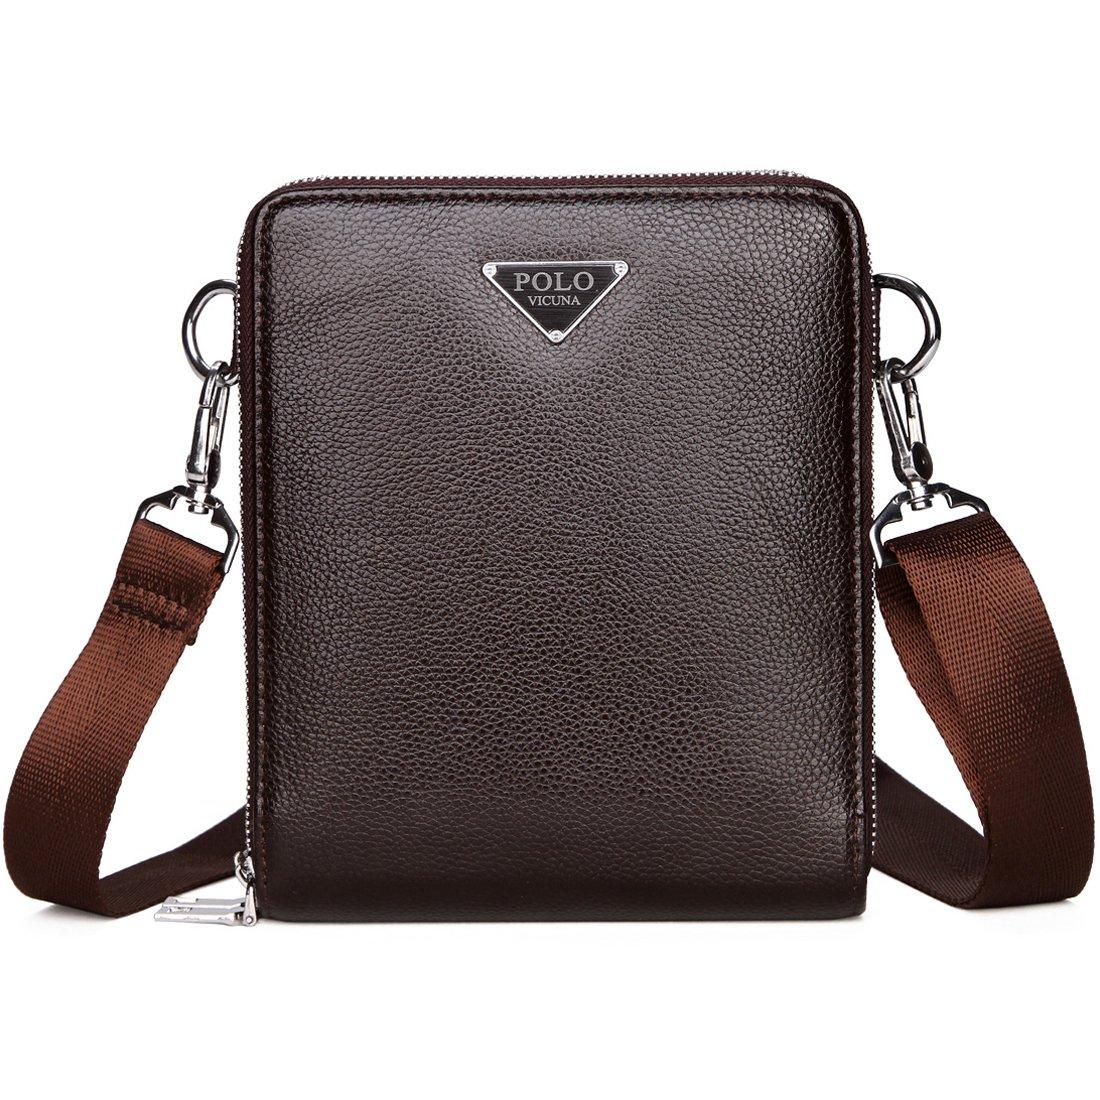 VICUNA POLO Shoulder Bag for Men Messenger Bag Large Capacity Crossbody Bag for Male (brown)